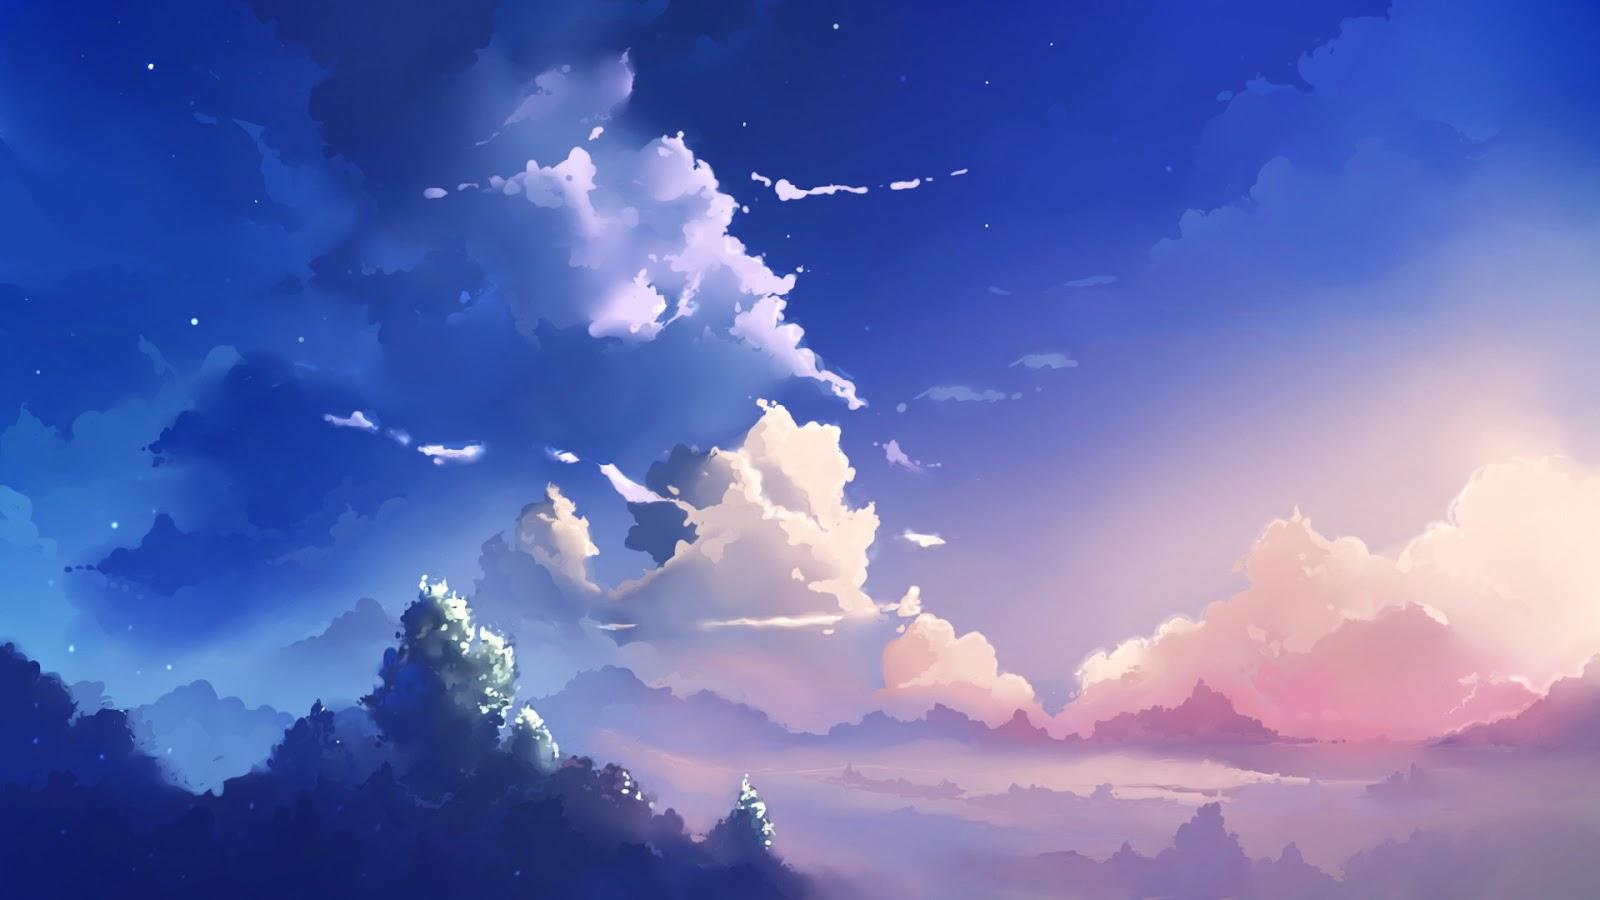 sky anime landscape